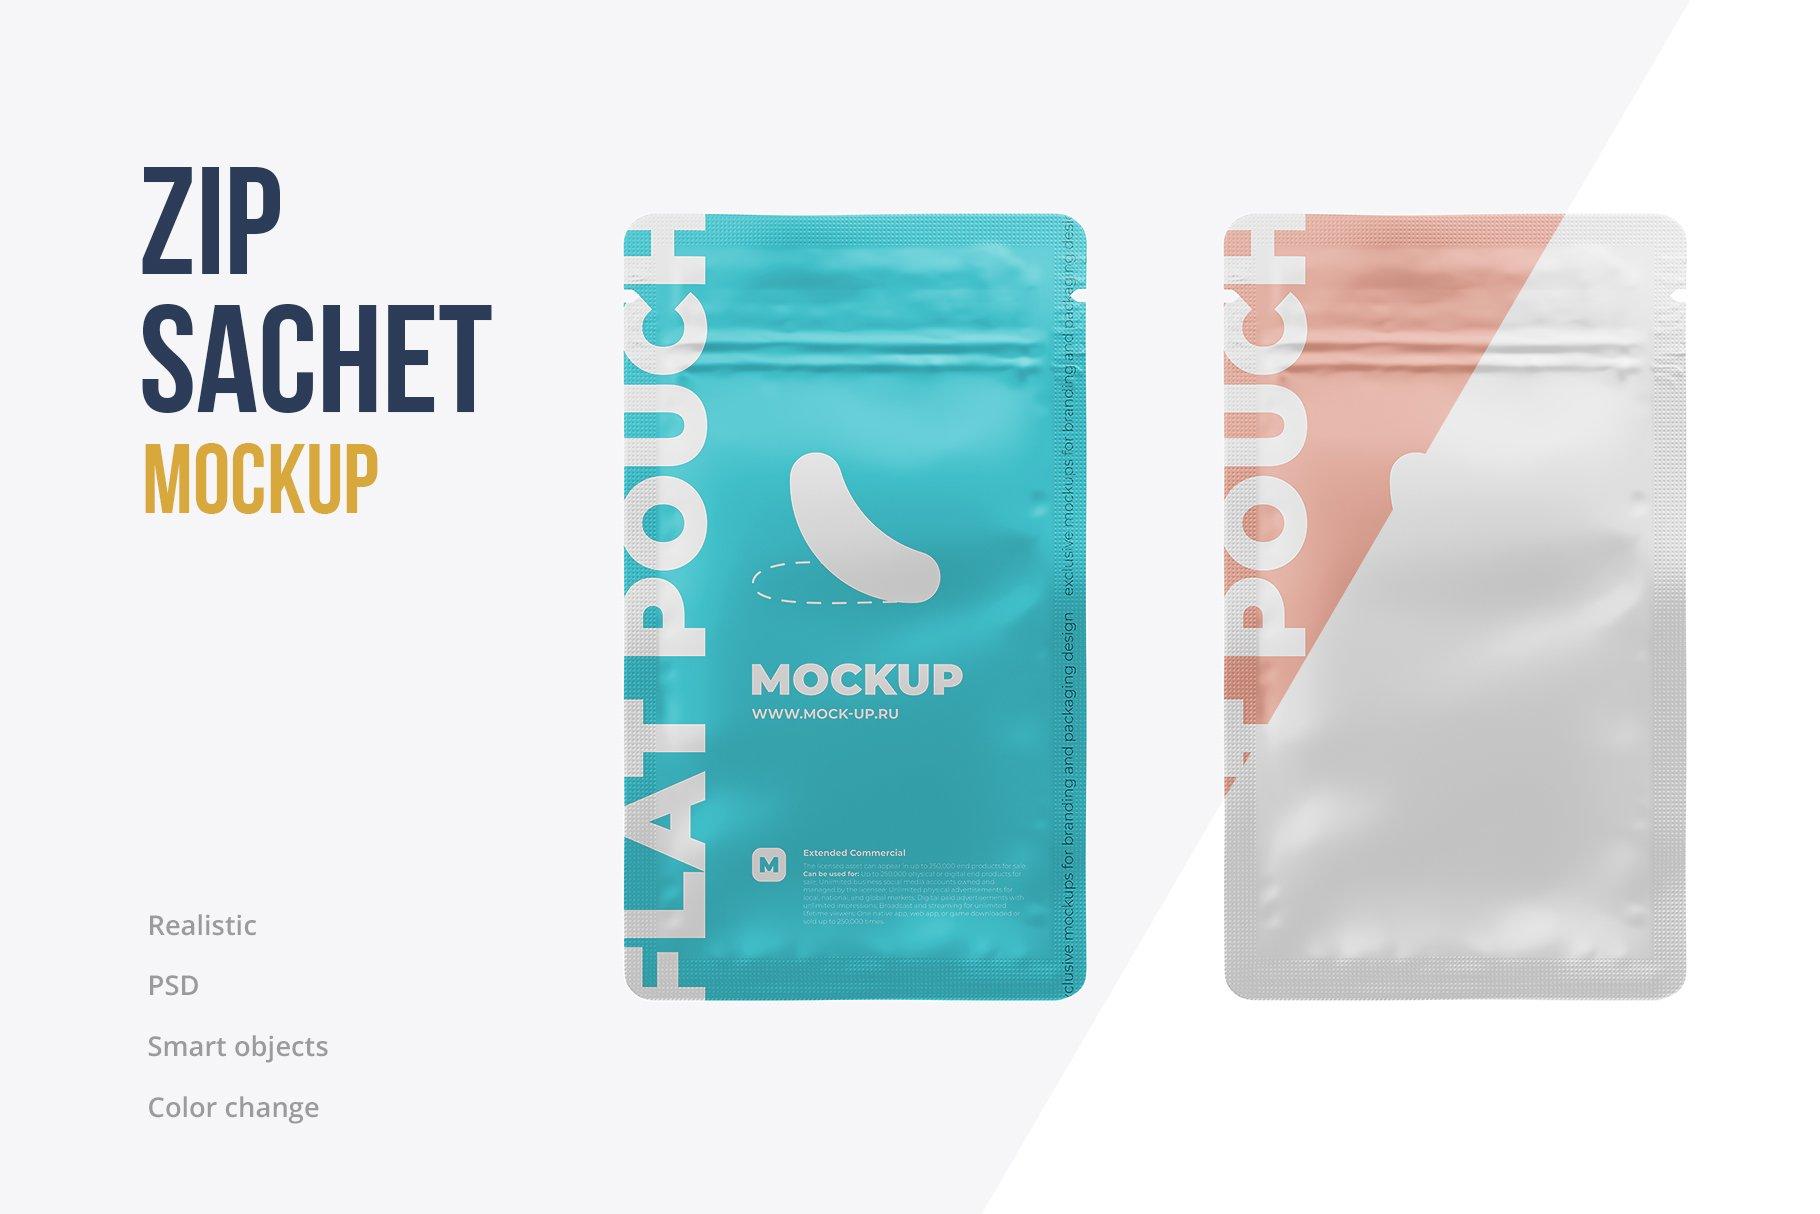 简洁香料自封塑料袋设计展示贴图样机 Zip Sachet Mockup. Flat Empty Pouch插图